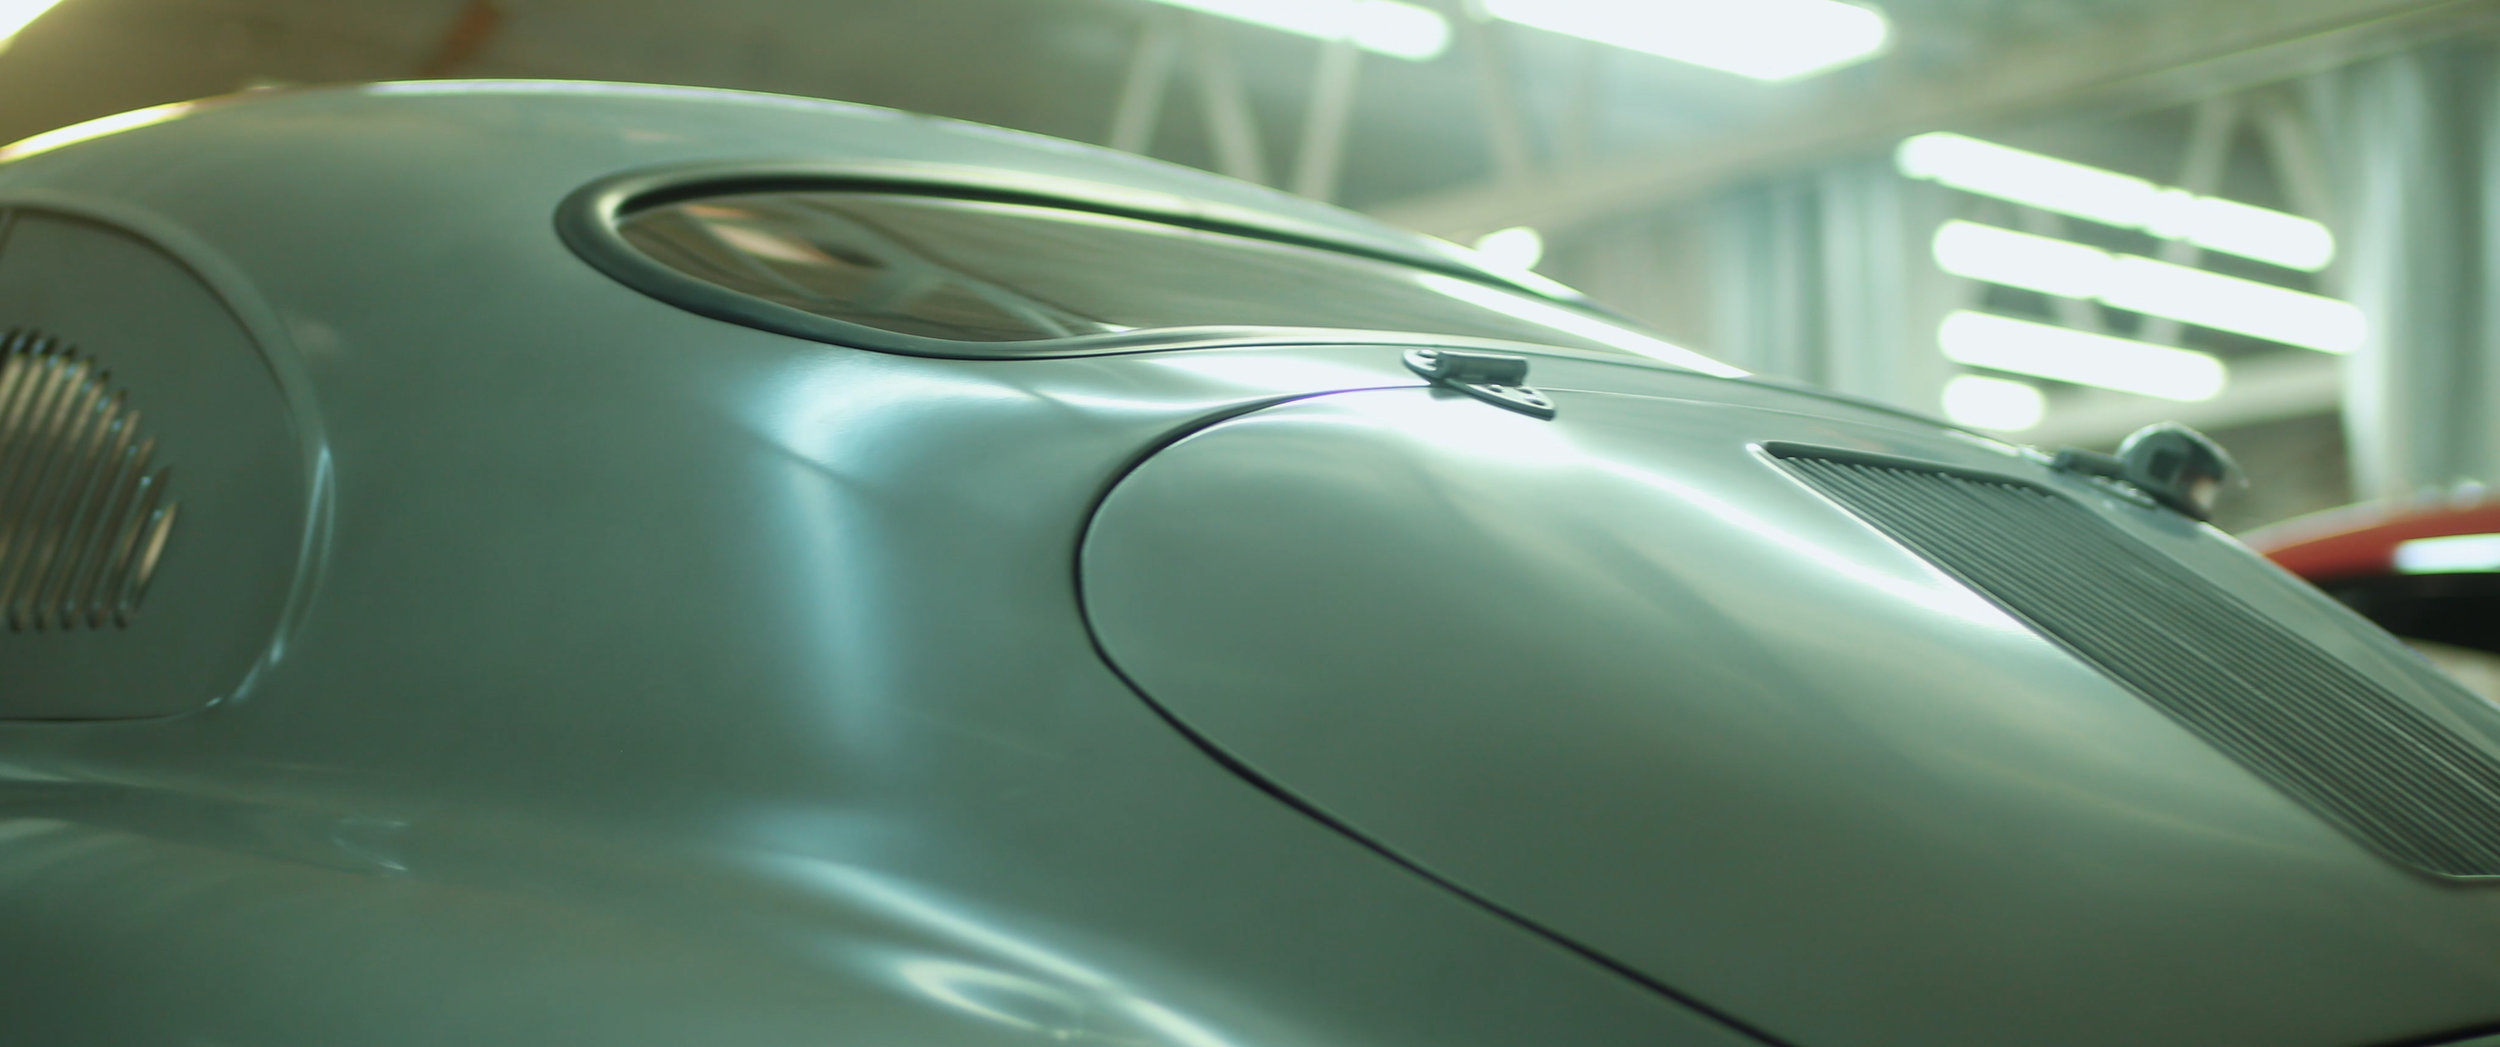 Christophorus Le Mans_v2 4K(cinemascope).mp4.00_02_28_15.Still019.jpg